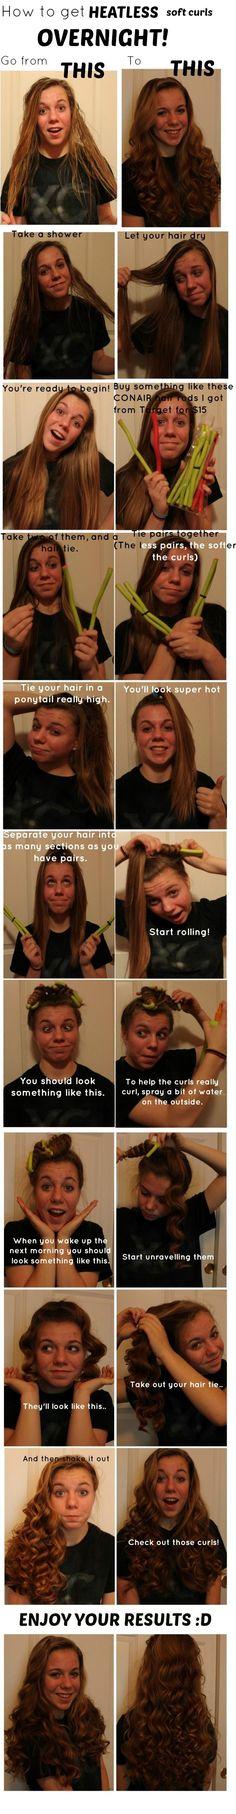 heatless curls - conair hair rods - 15$ at target or walmart